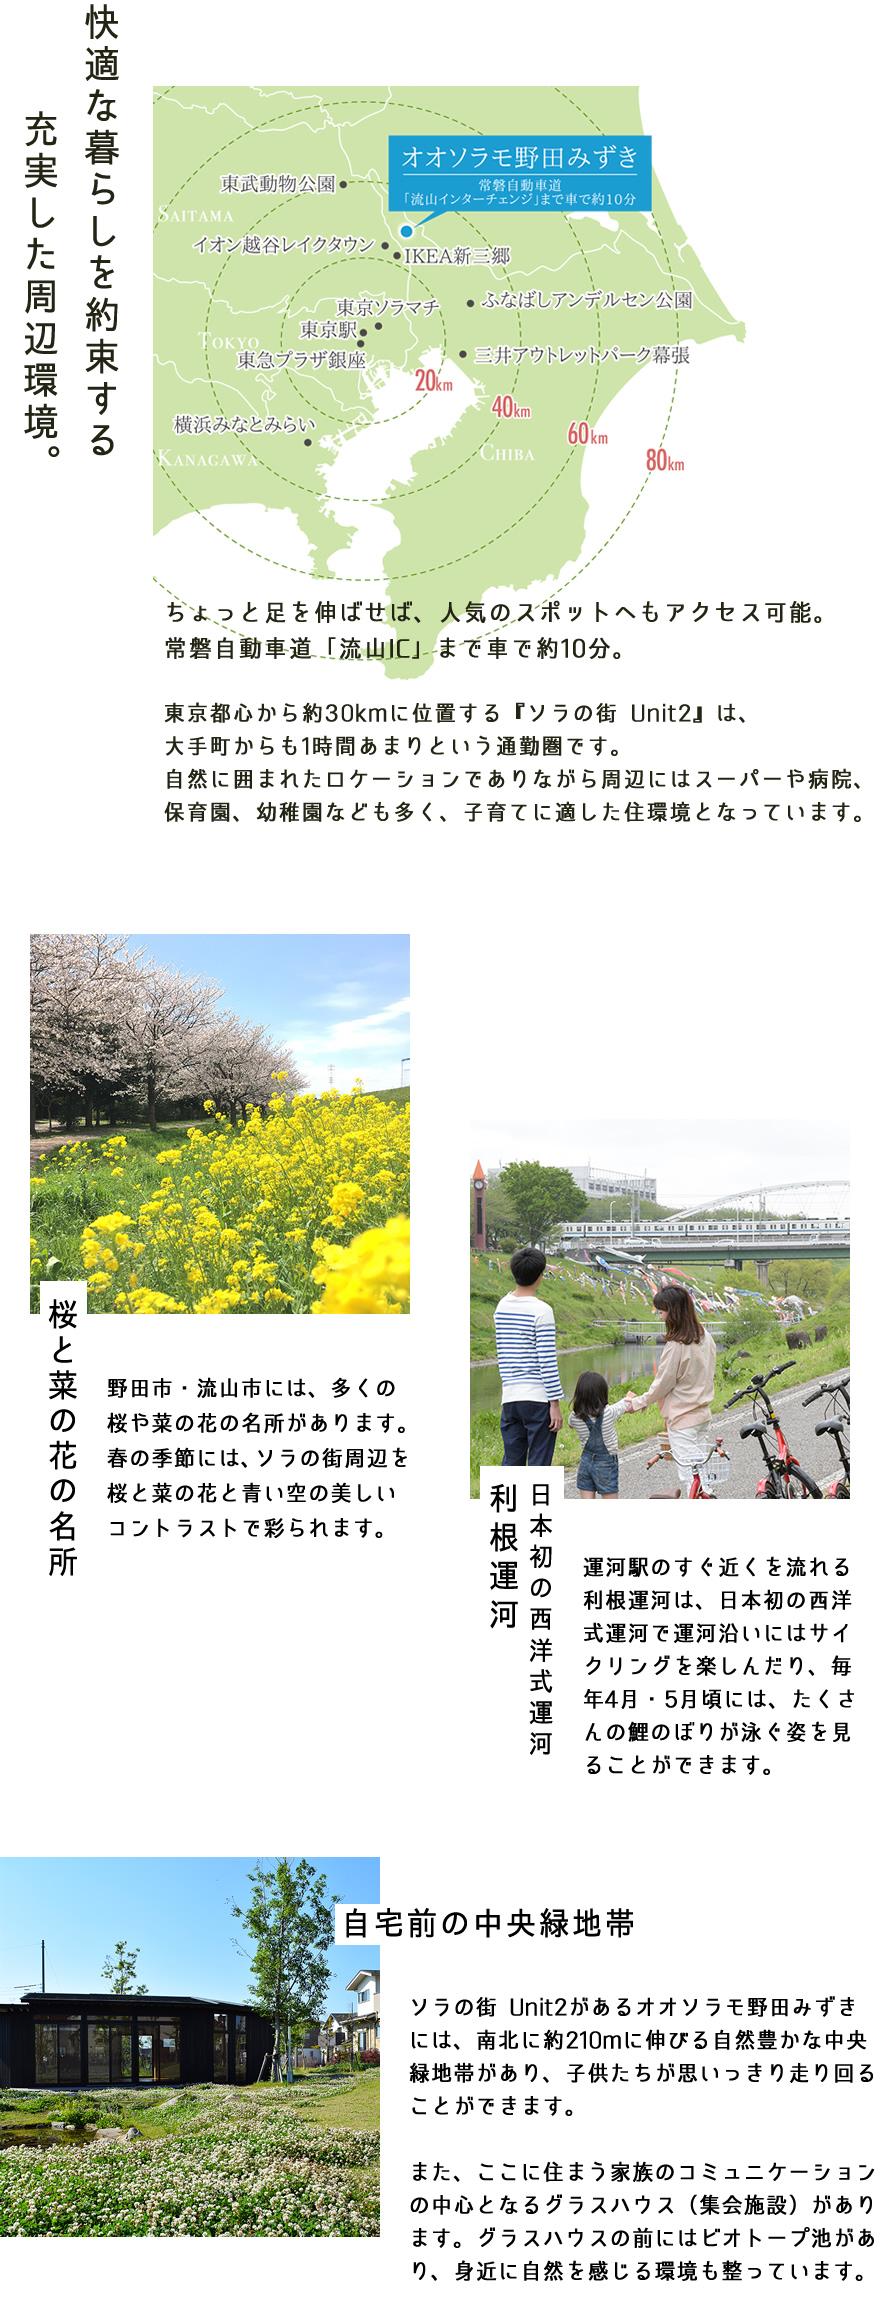 野田市・流山市には、多くの桜や菜の花の名所があります。春の季節には、ソラの街周辺を桜と菜の花と青い空の美しいコントラストで彩られます。